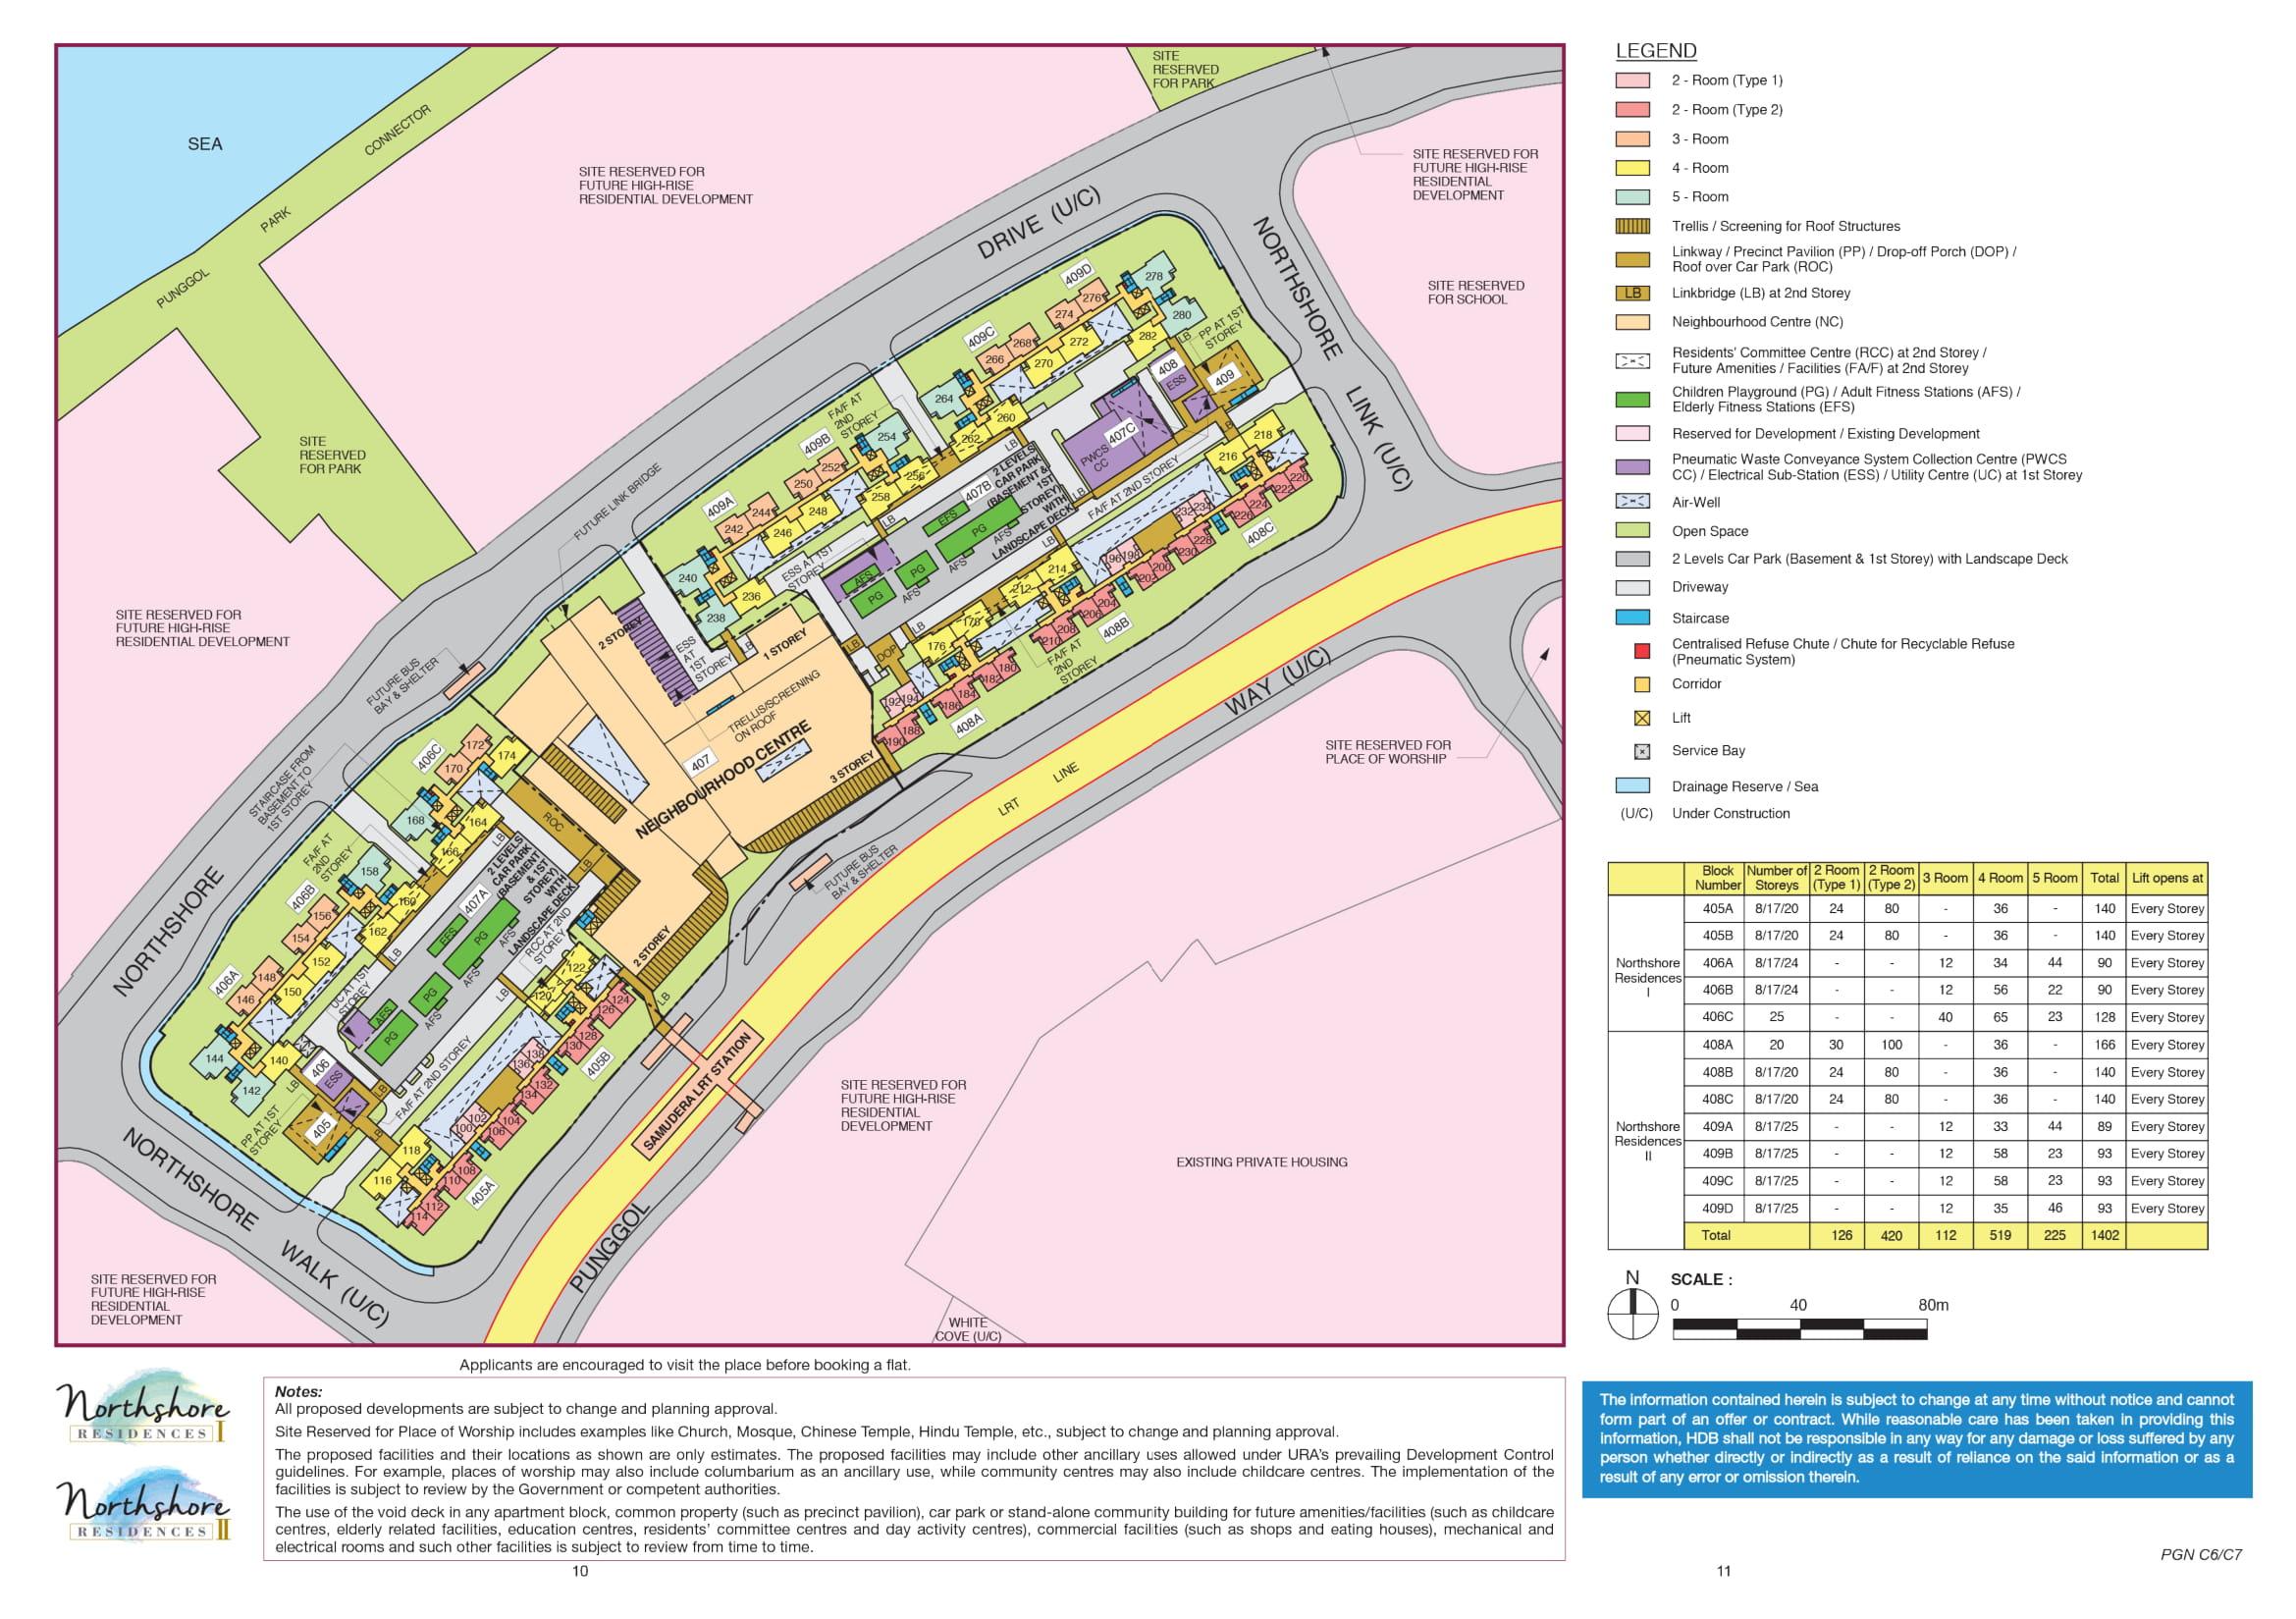 Northshore Residences II Site Plan